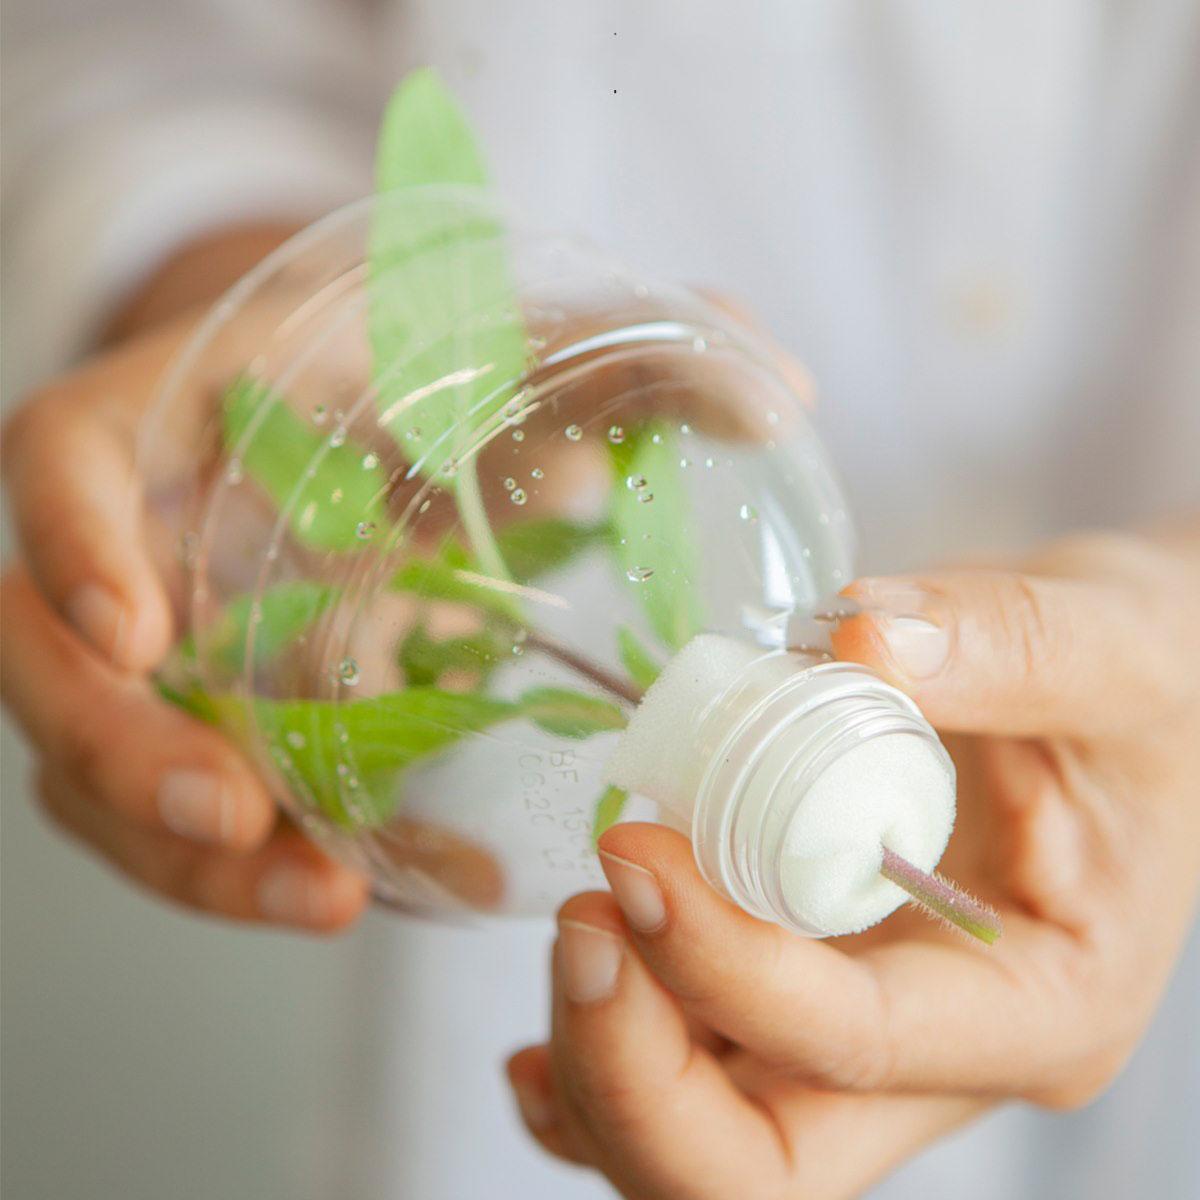 Cắt rau bỏ trong chai nhựa, cách làm đơn giản nhưng thu hoạch rau nhiều bất ngờ - Ảnh 12.